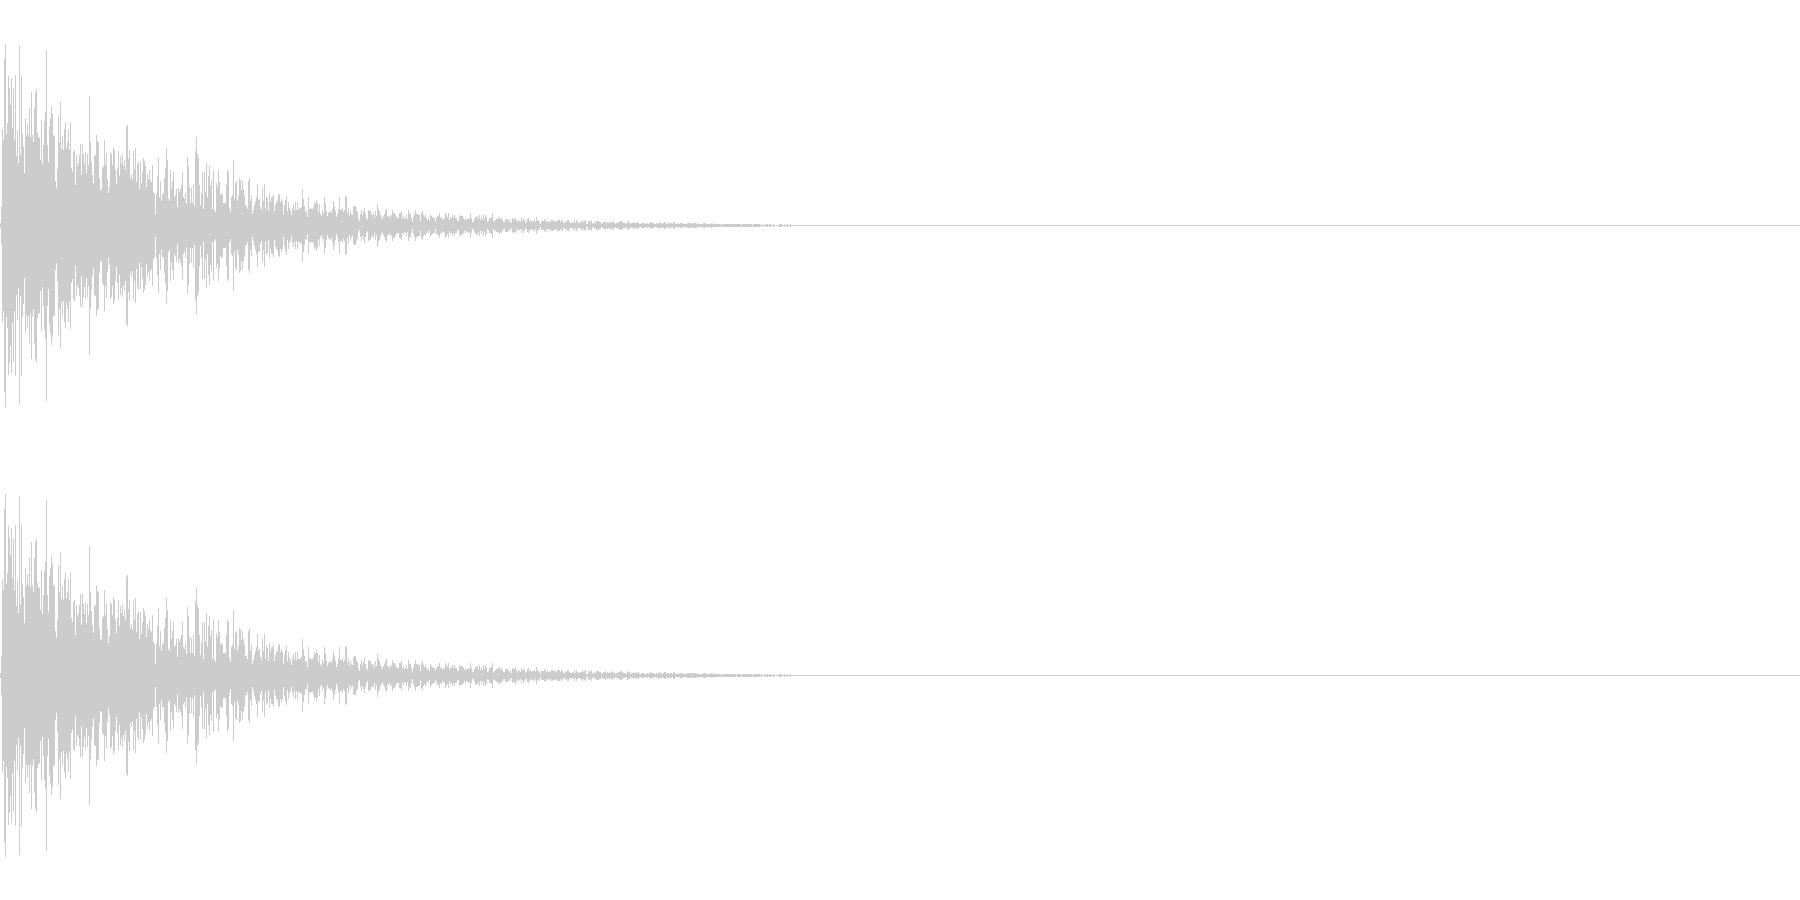 金属に物が当たる音(はじく、コミカル)の未再生の波形